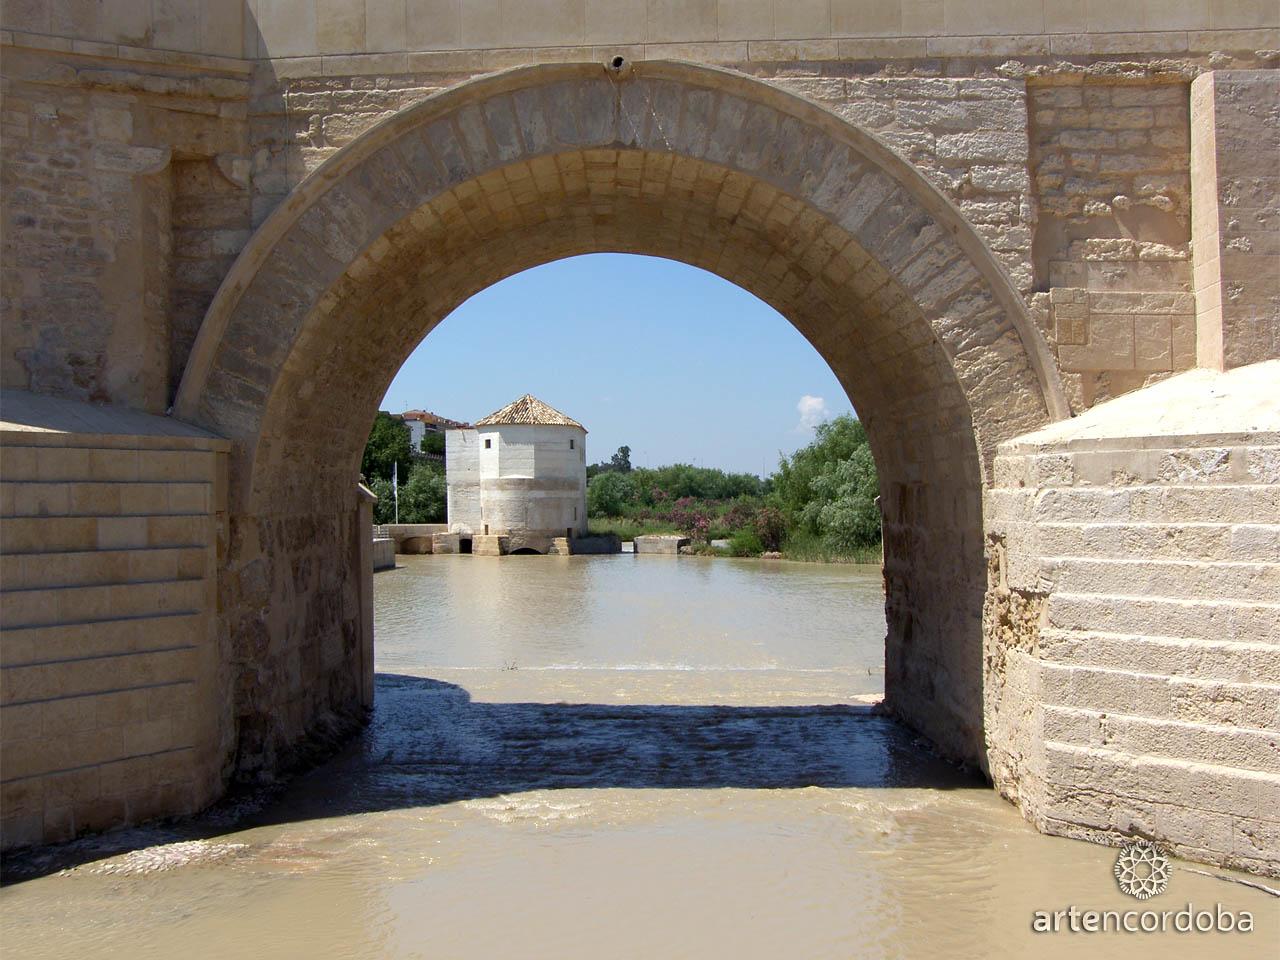 Detalle de uno de los arcos que sustentan el Puente Romano de Córdoba